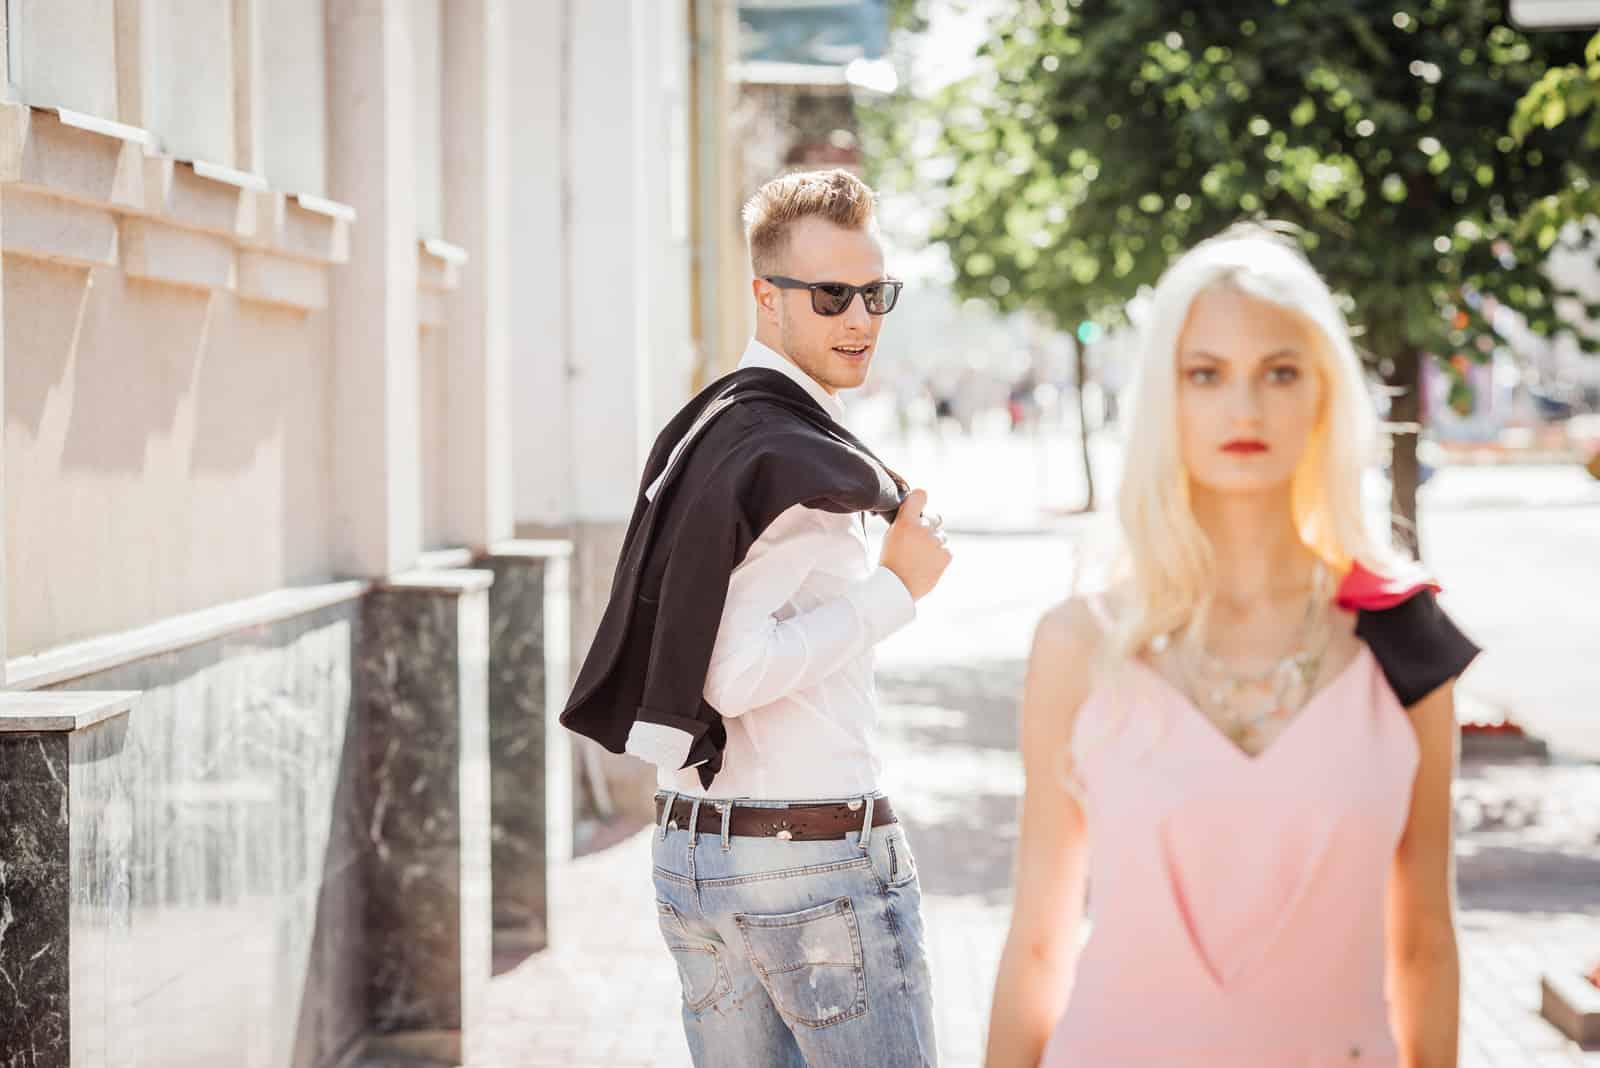 l'homme se tourne vers la femme en marchant dans la rue